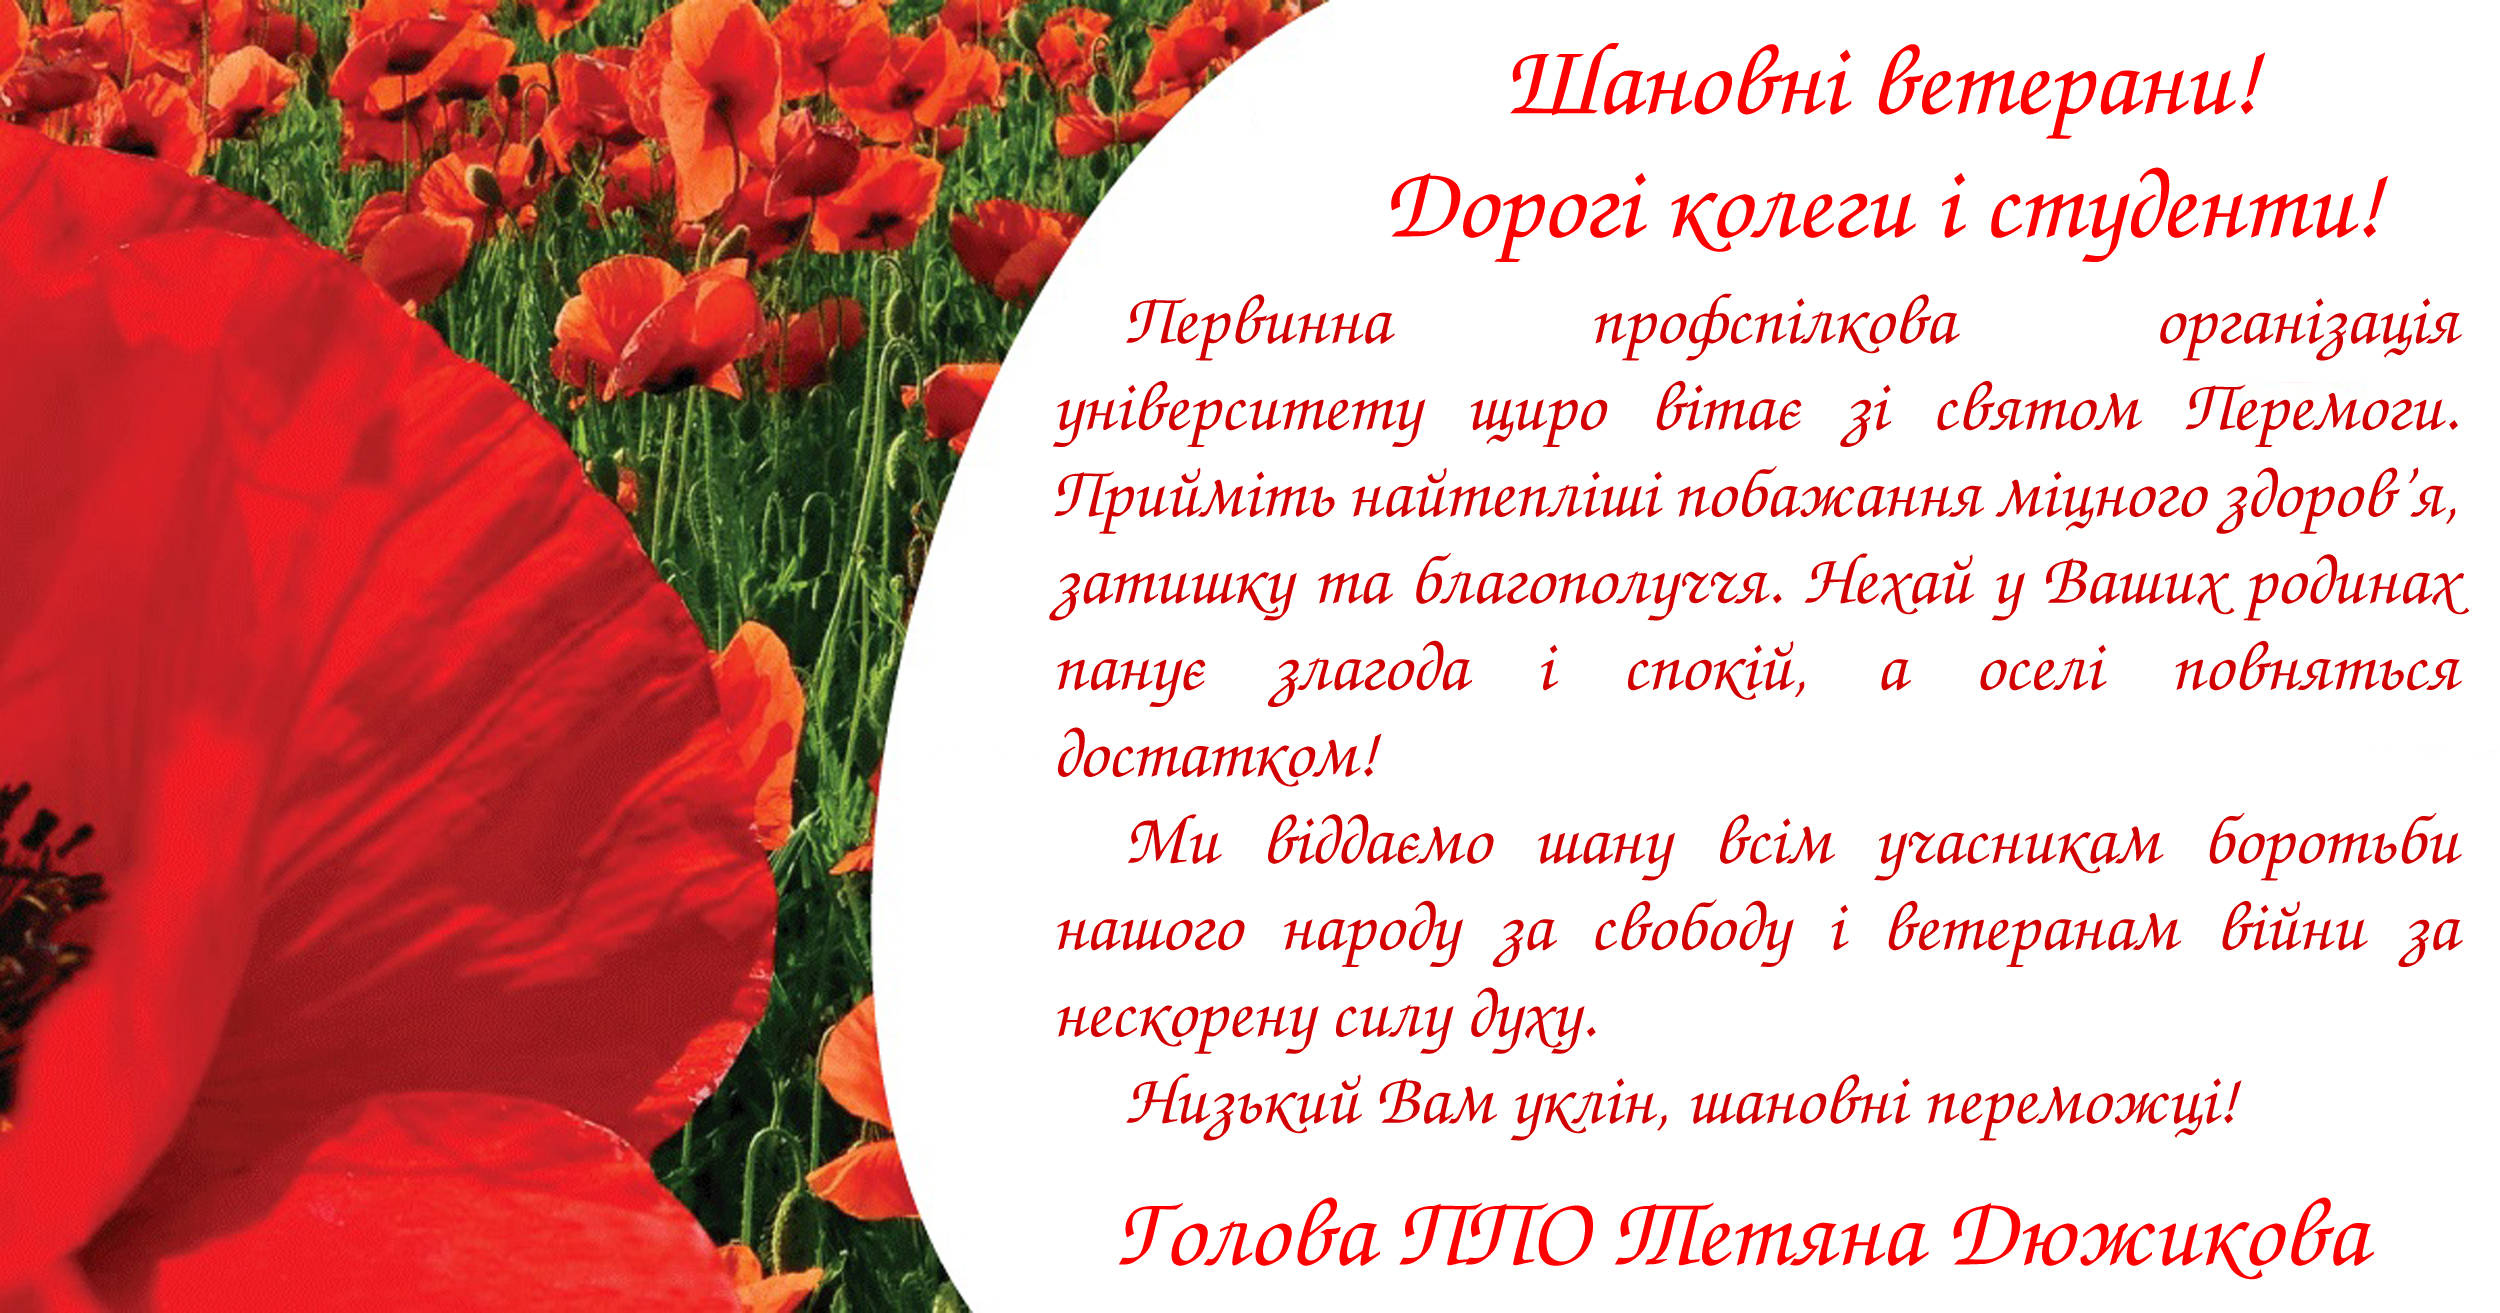 Вітання голови ППО із Днем пам'яті та примирення і Днем Перемоги!